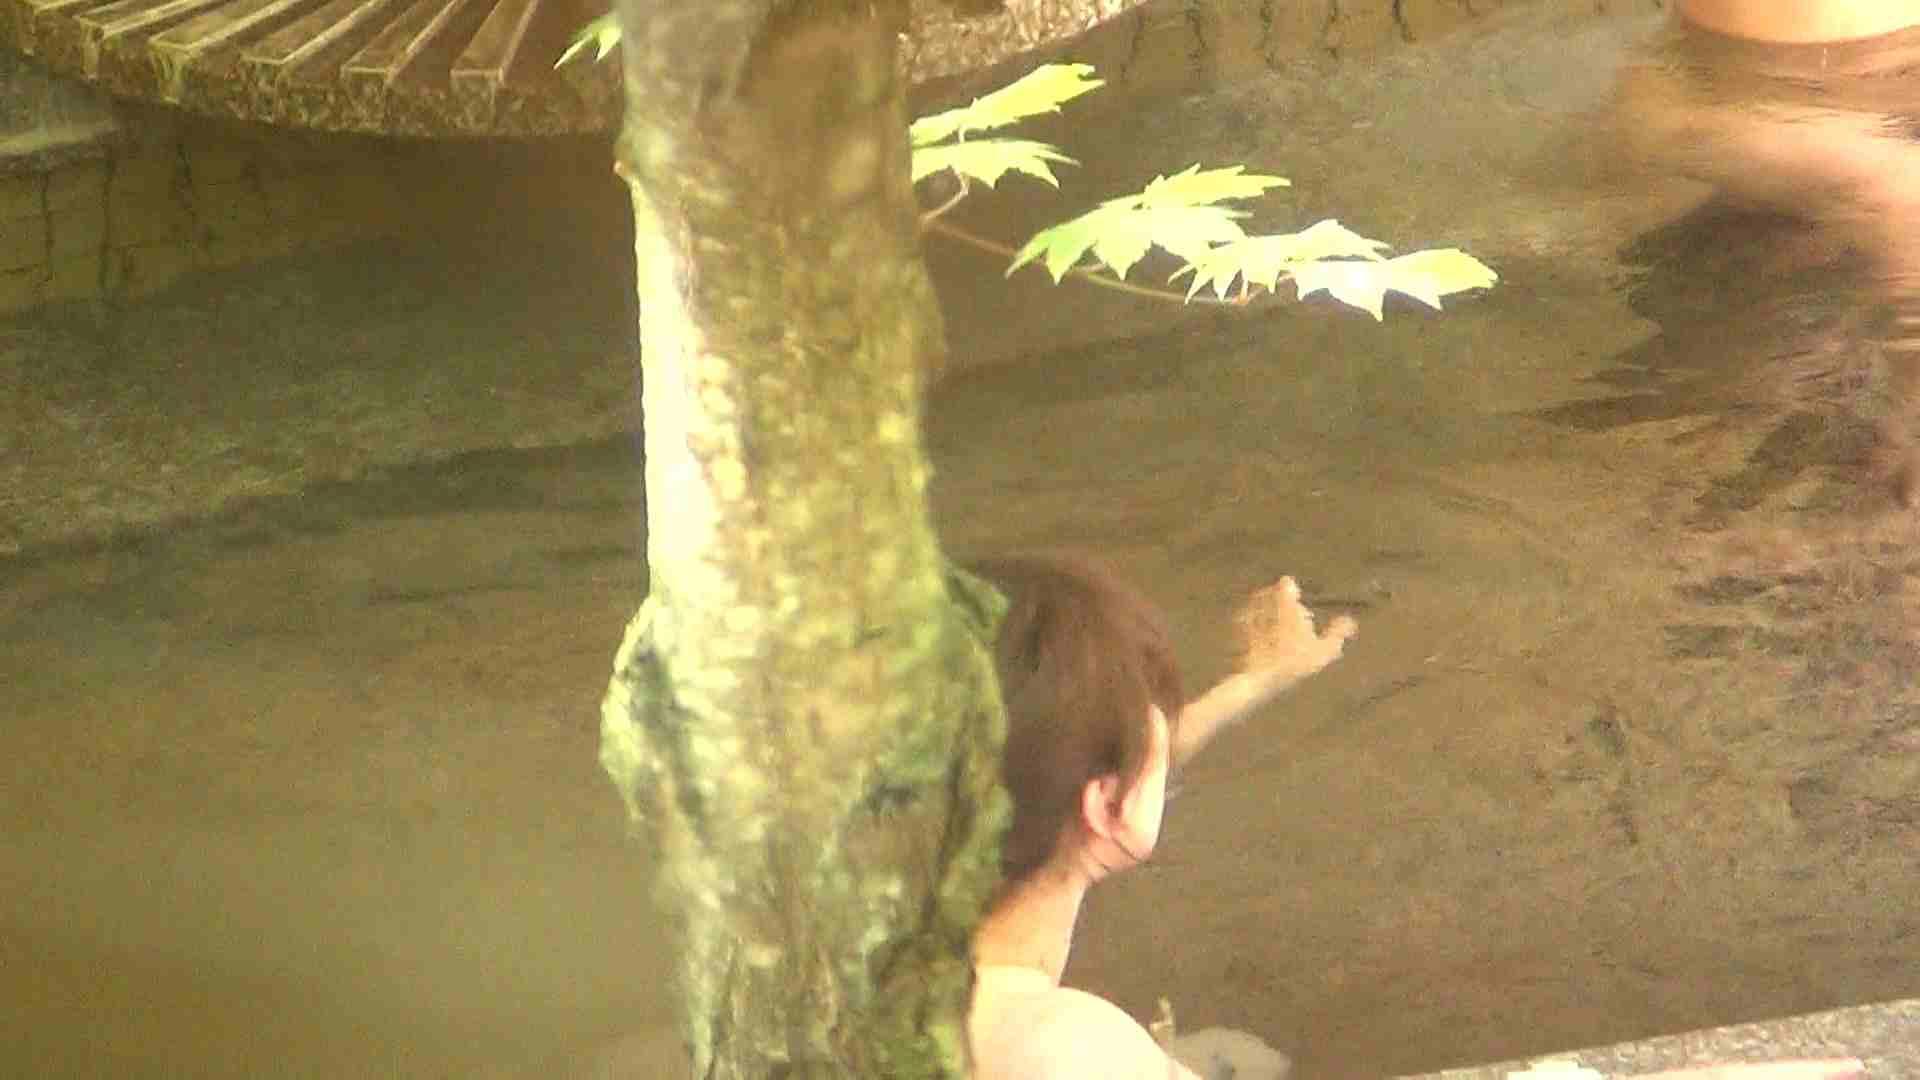 Aquaな露天風呂Vol.245 盗撮シリーズ  89PIX 12